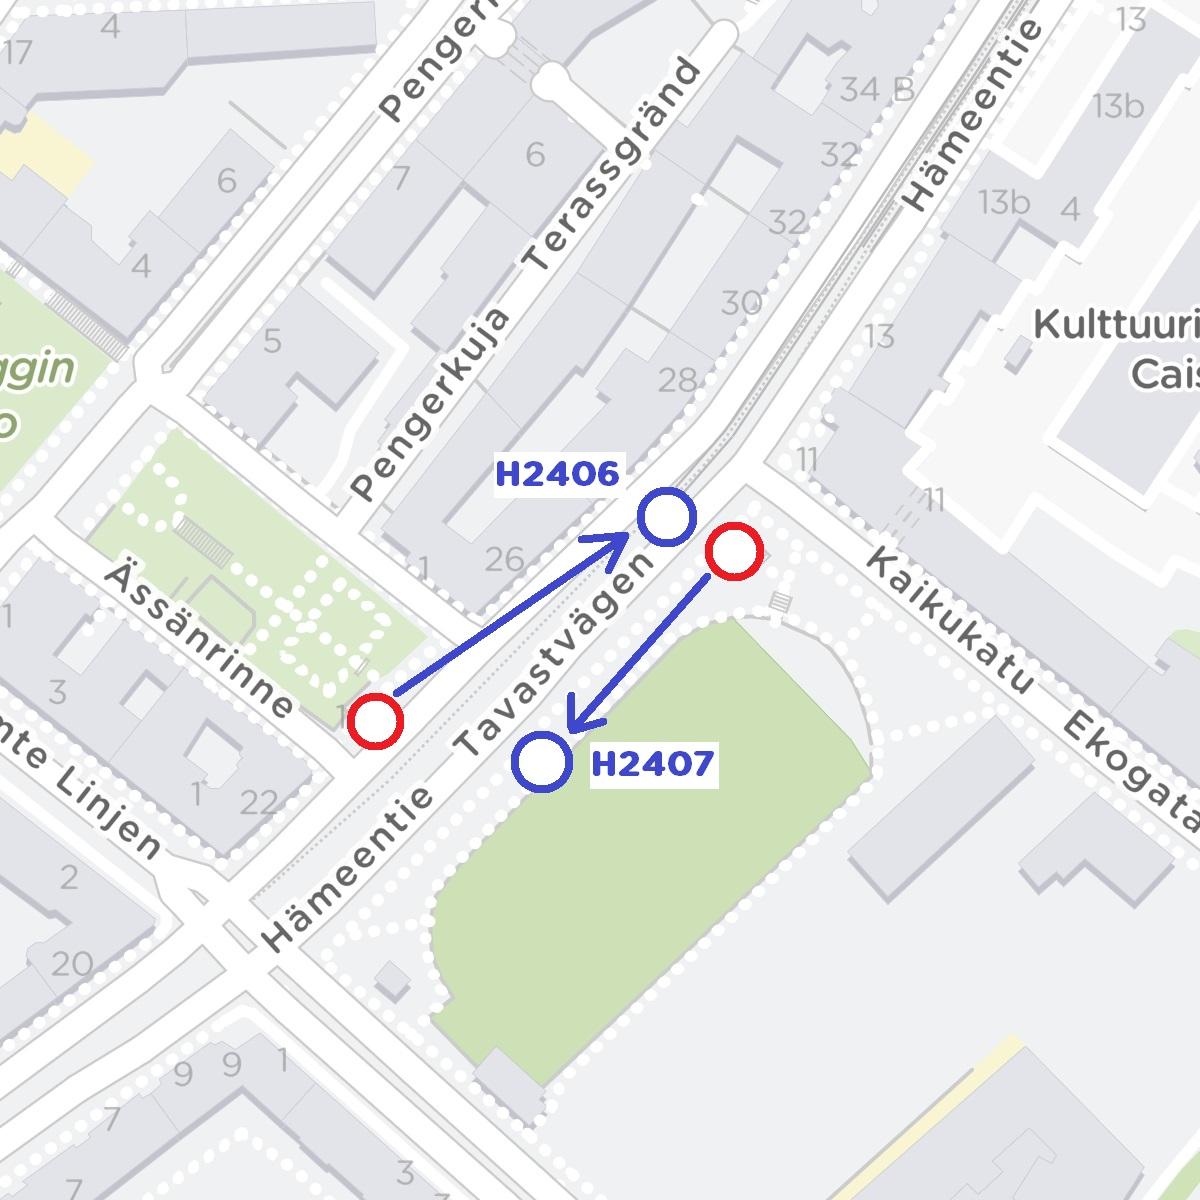 Haapaniemi H2406 eli pysäkki kohti Hakaniemeä siirtyy 70 metriä Sörnäisiin päin. Pysäkki Haapaniemi H2407: Pysäkki siirtyy Väinö Tannerin kentän kohdalle